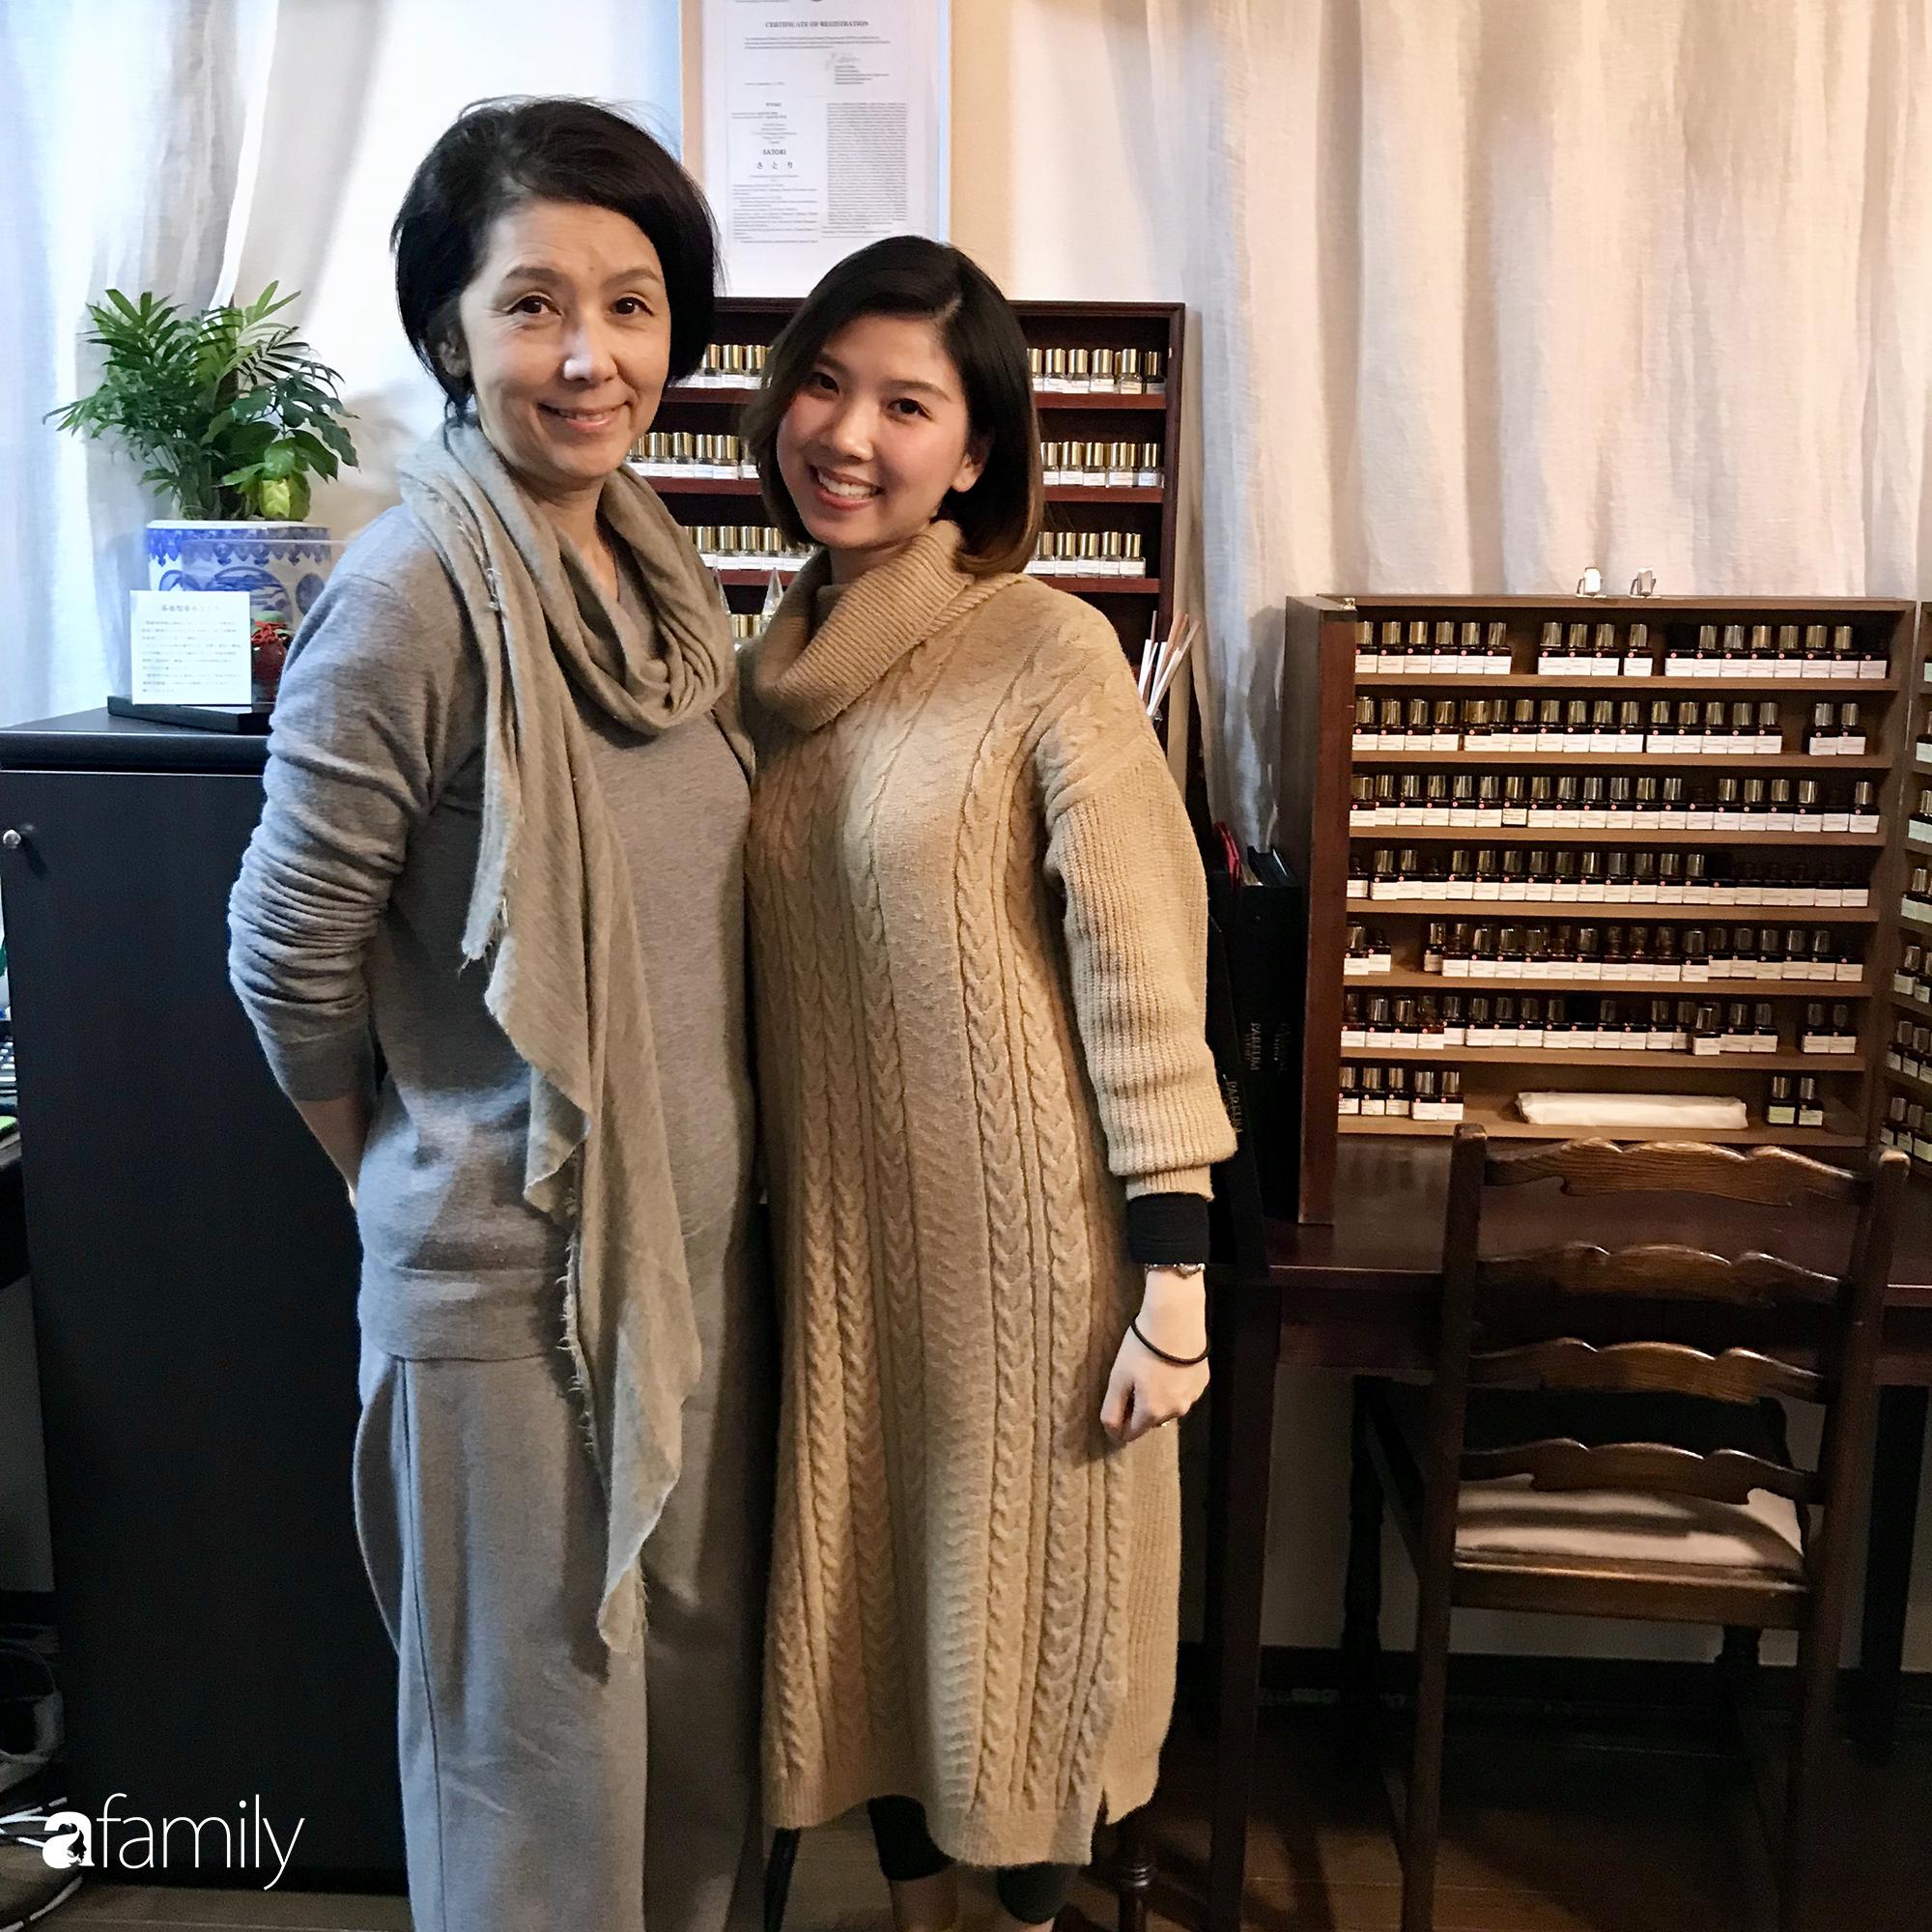 Rei Nguyễn - Nghệ sĩ nước hoa người Việt đầu tiên tổ chức triển lãm tại Nhật Bản, từ bỏ nghề Ngân hàng để được cháy hết mình trong thế giới mùi hương - Ảnh 3.